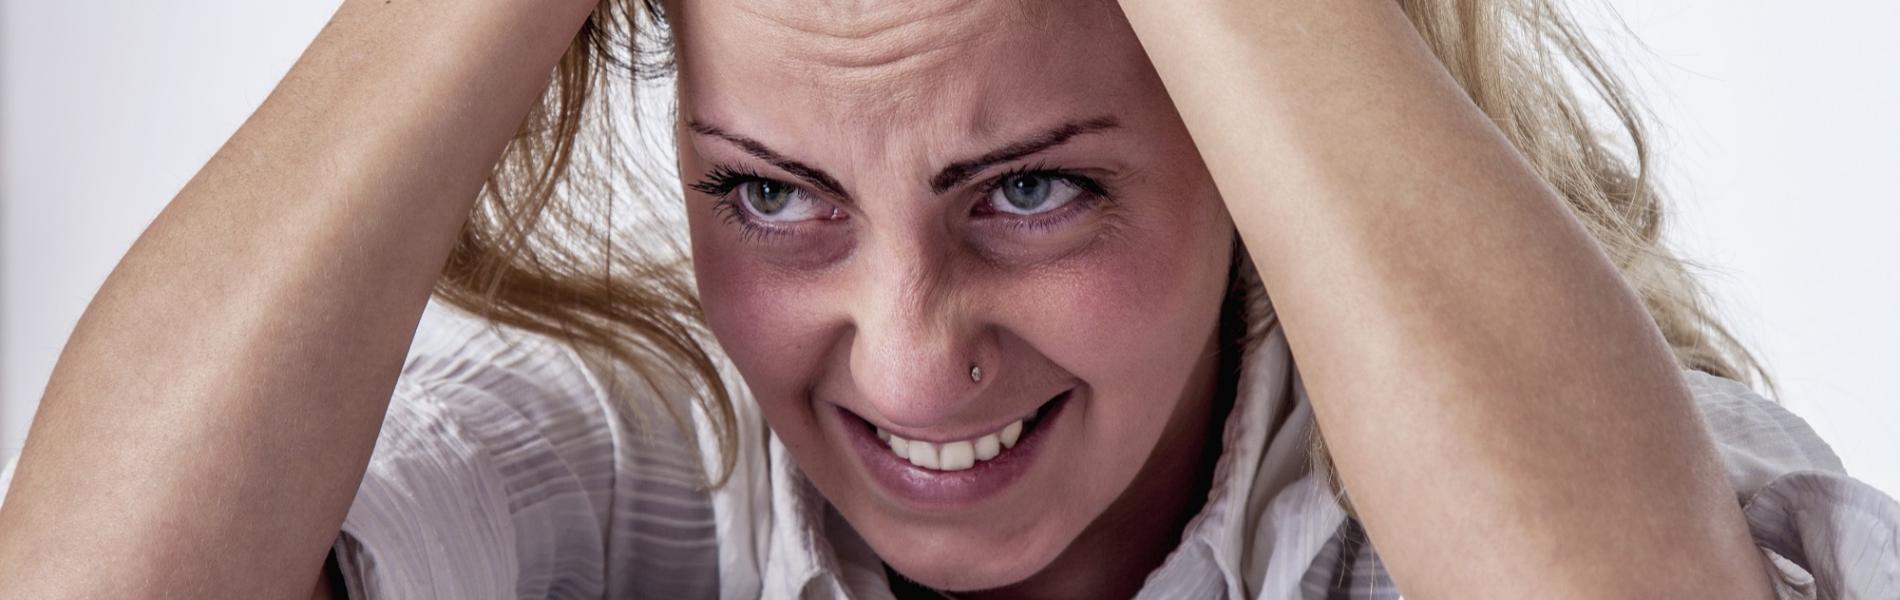 תתפטרי: זה מה שקורה לגוף שלך כשאת שונאת את העבודה שלך